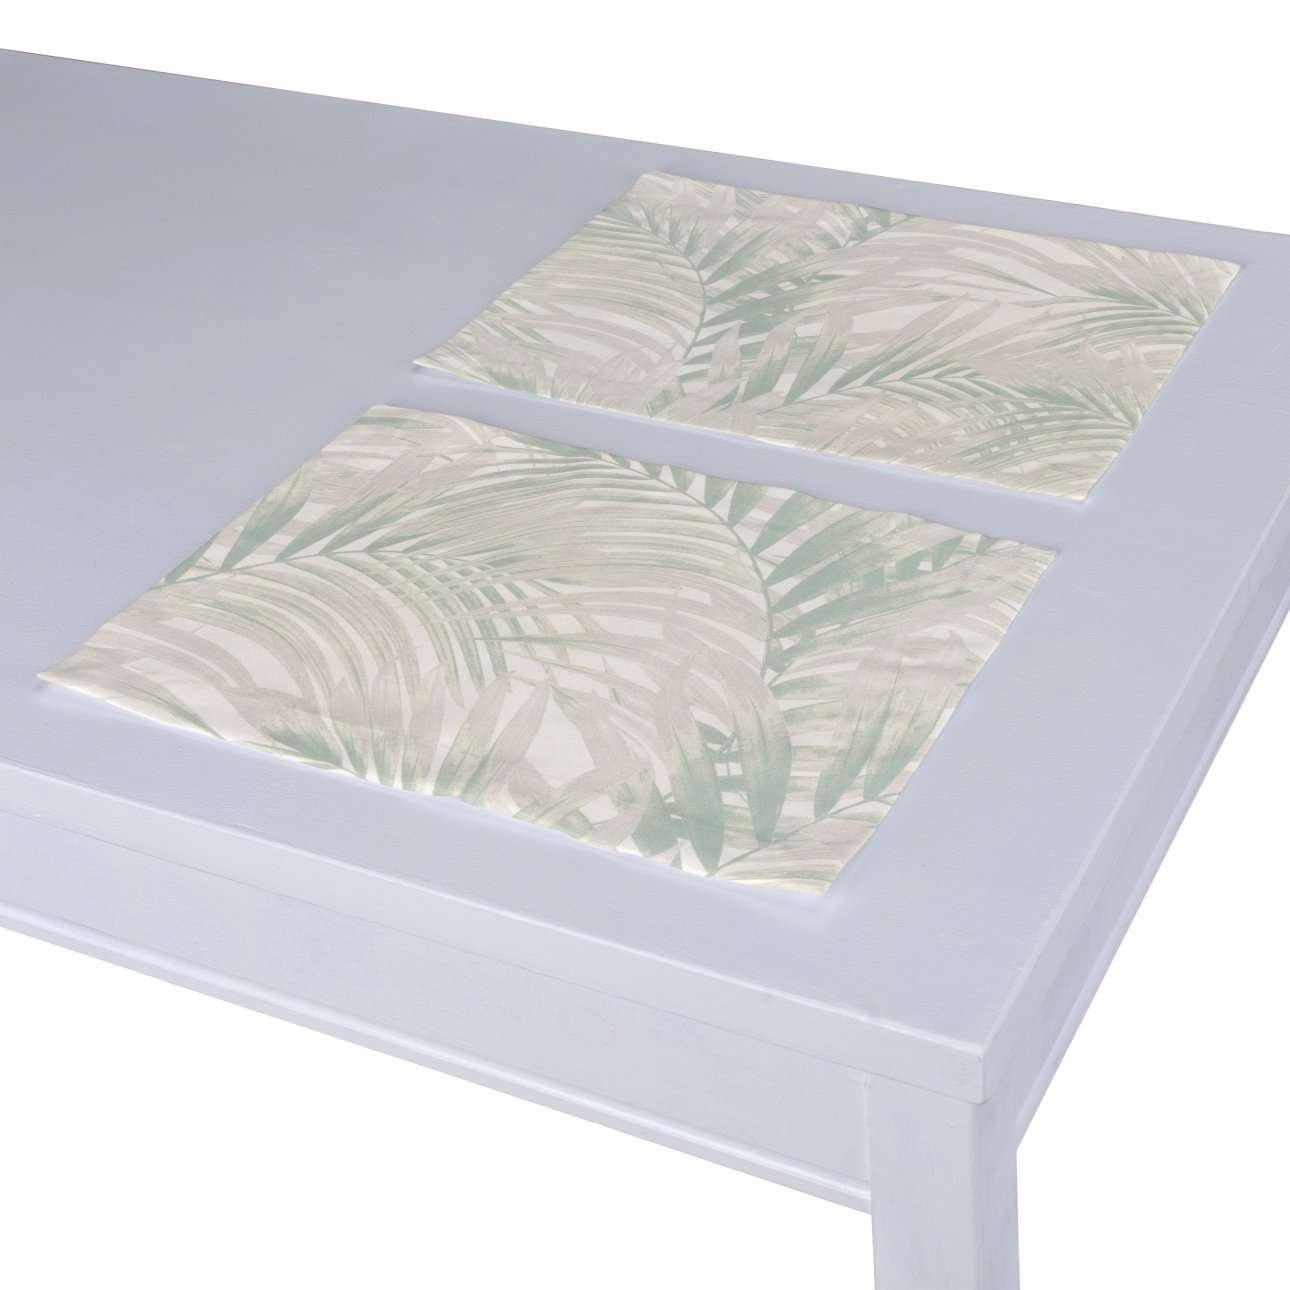 Podkładka 2 sztuki w kolekcji Gardenia, tkanina: 142-15